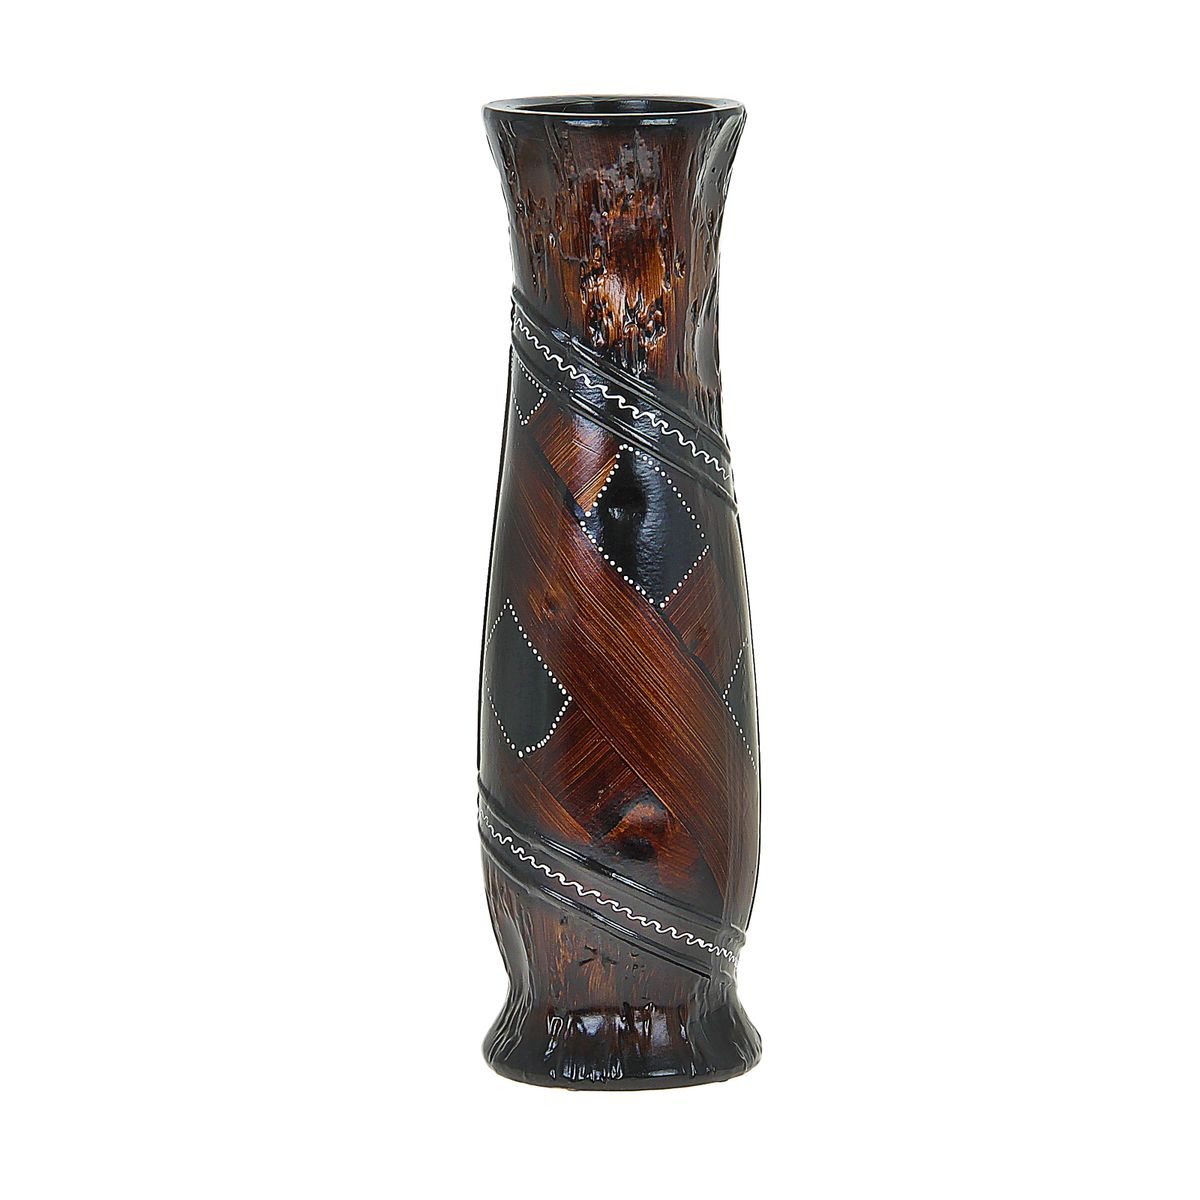 Ваза напольная Вставка, цвет: коричневый, высота 60 см. 85126743417BКерамика